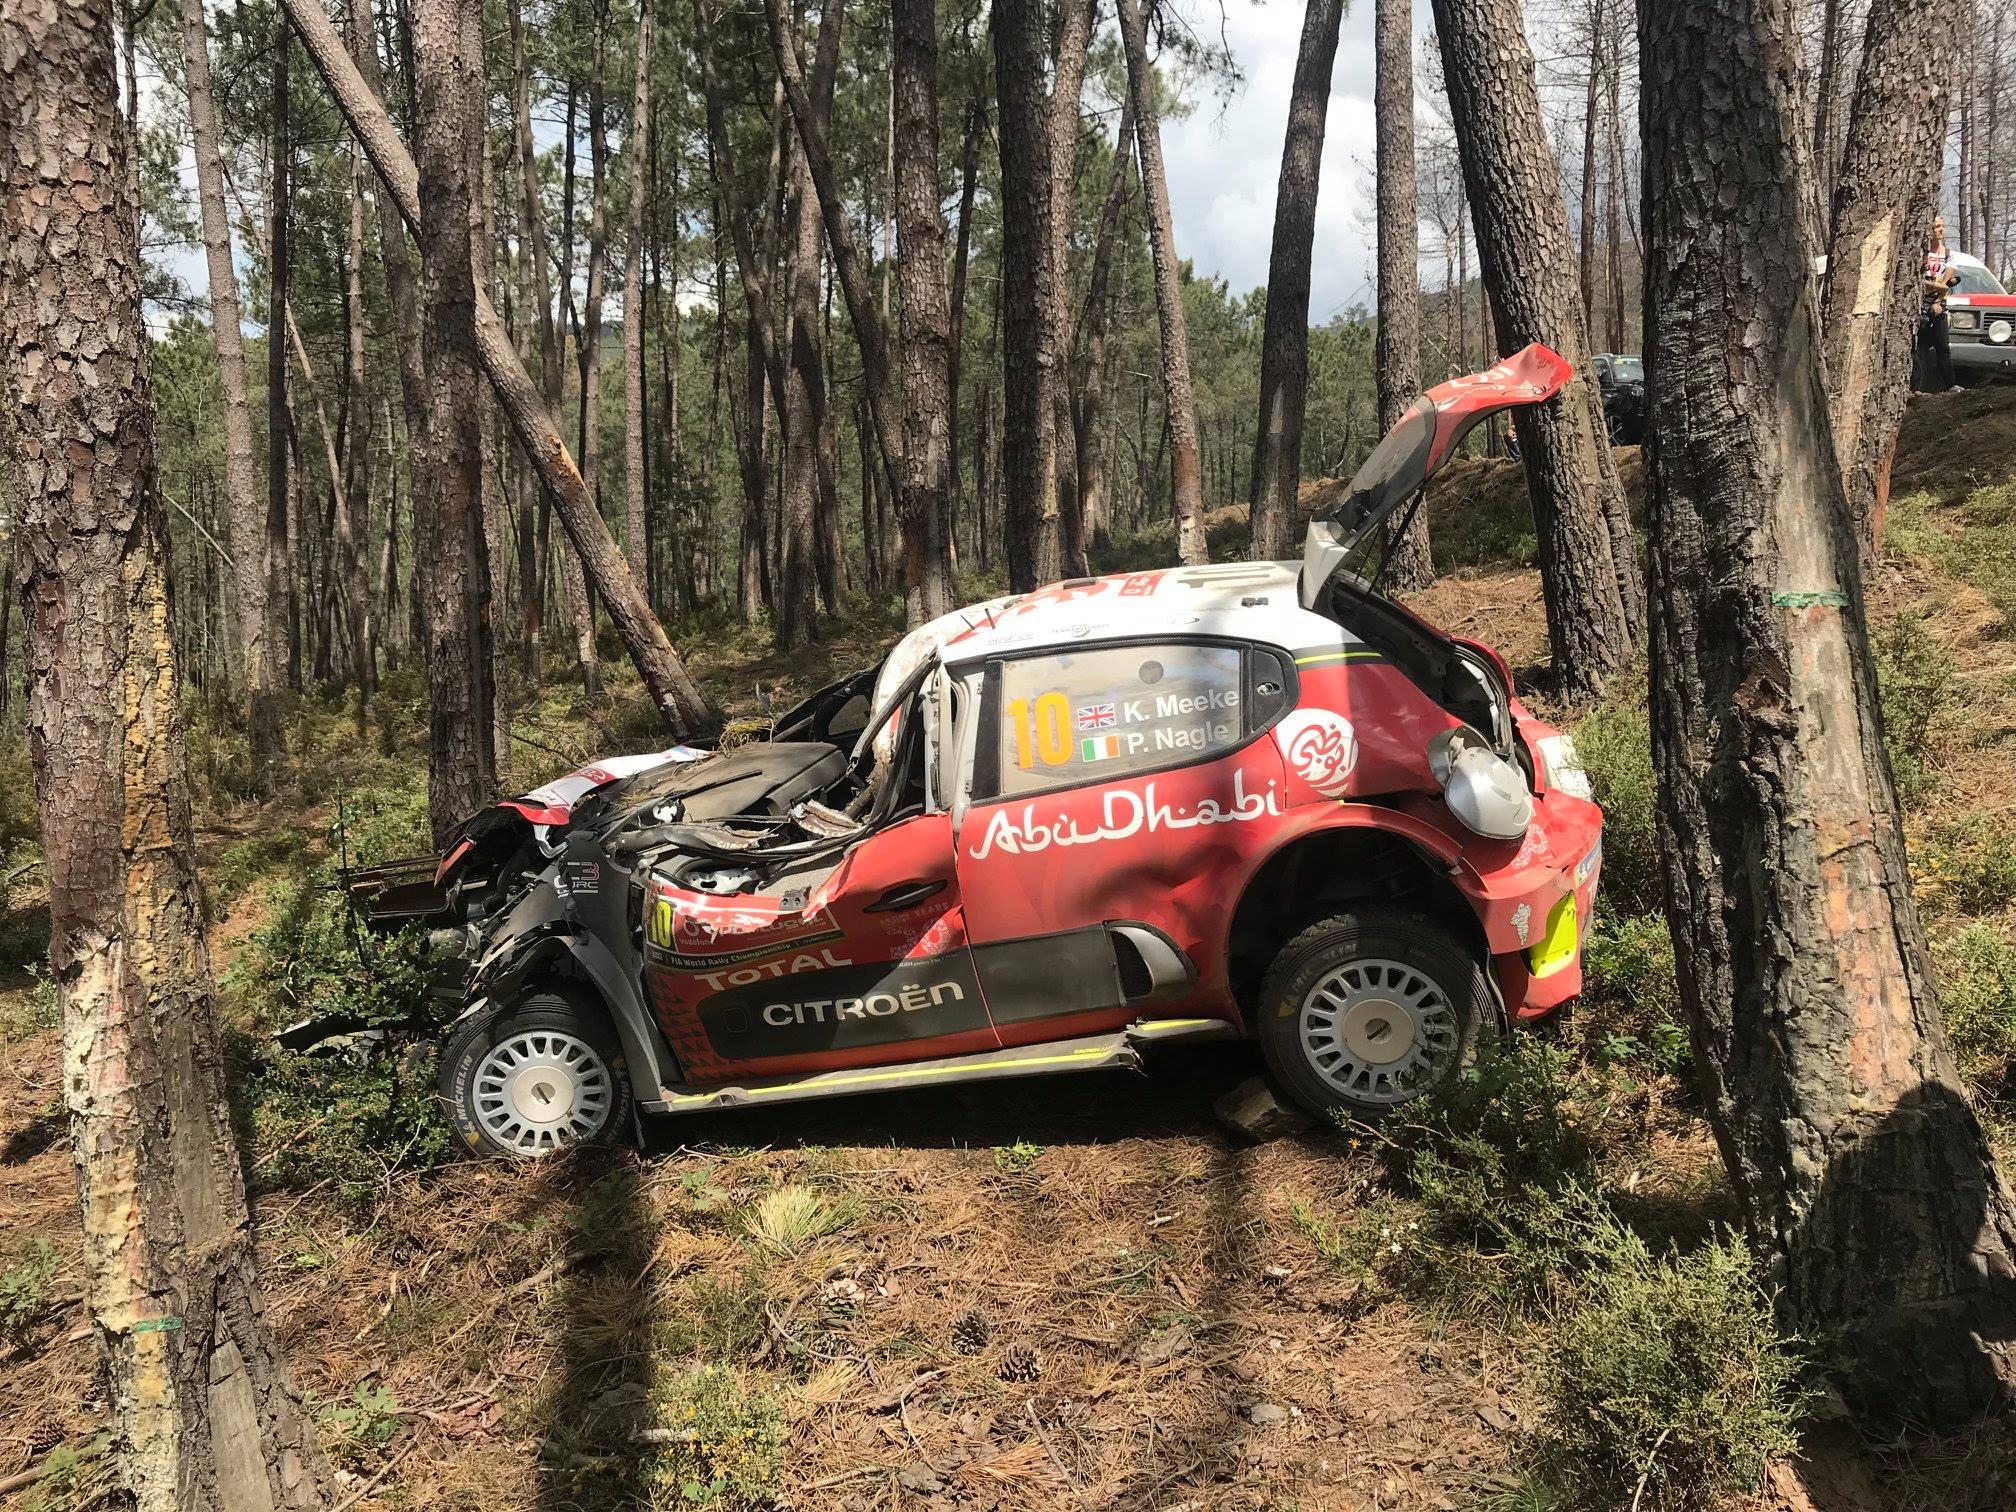 Rally de Portugal 2018 - Página 3 Post-3042-0-60838300-1526746525